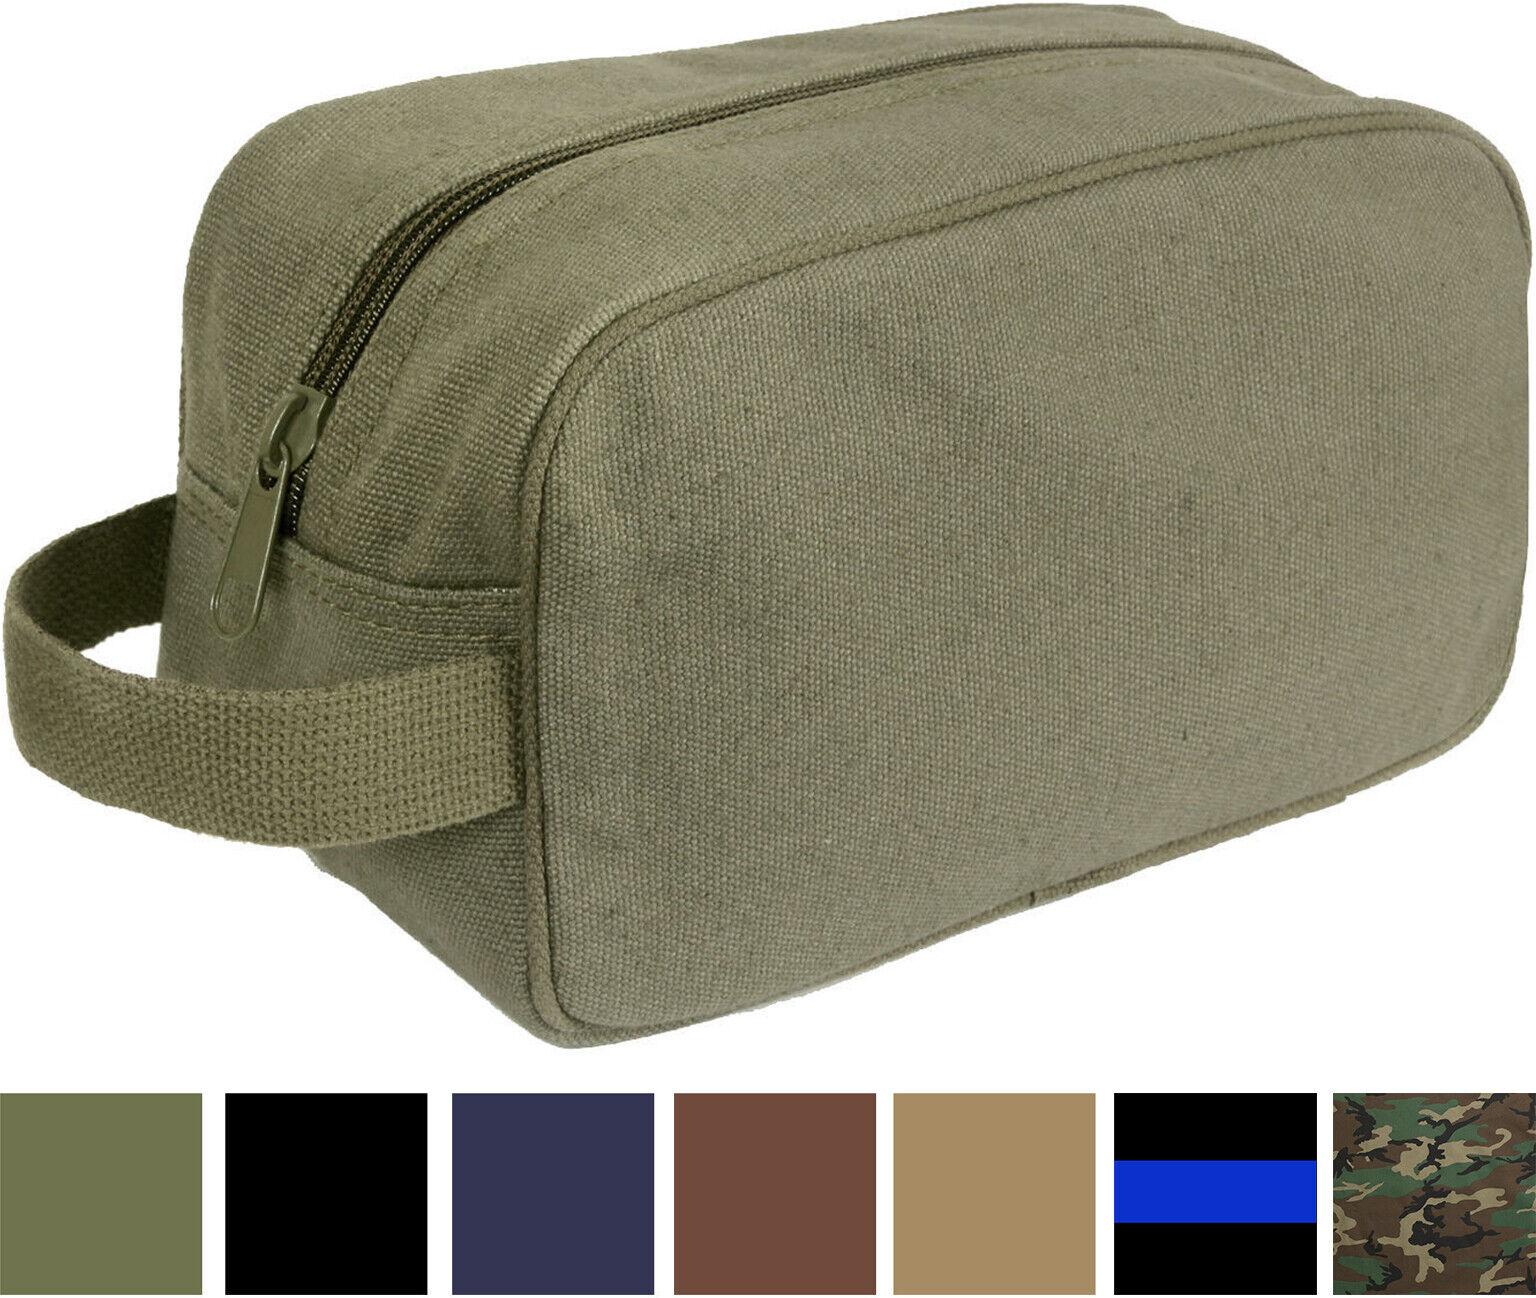 Tactical Travel Toiletry Bag Zipper Canvas Case Compact Orga